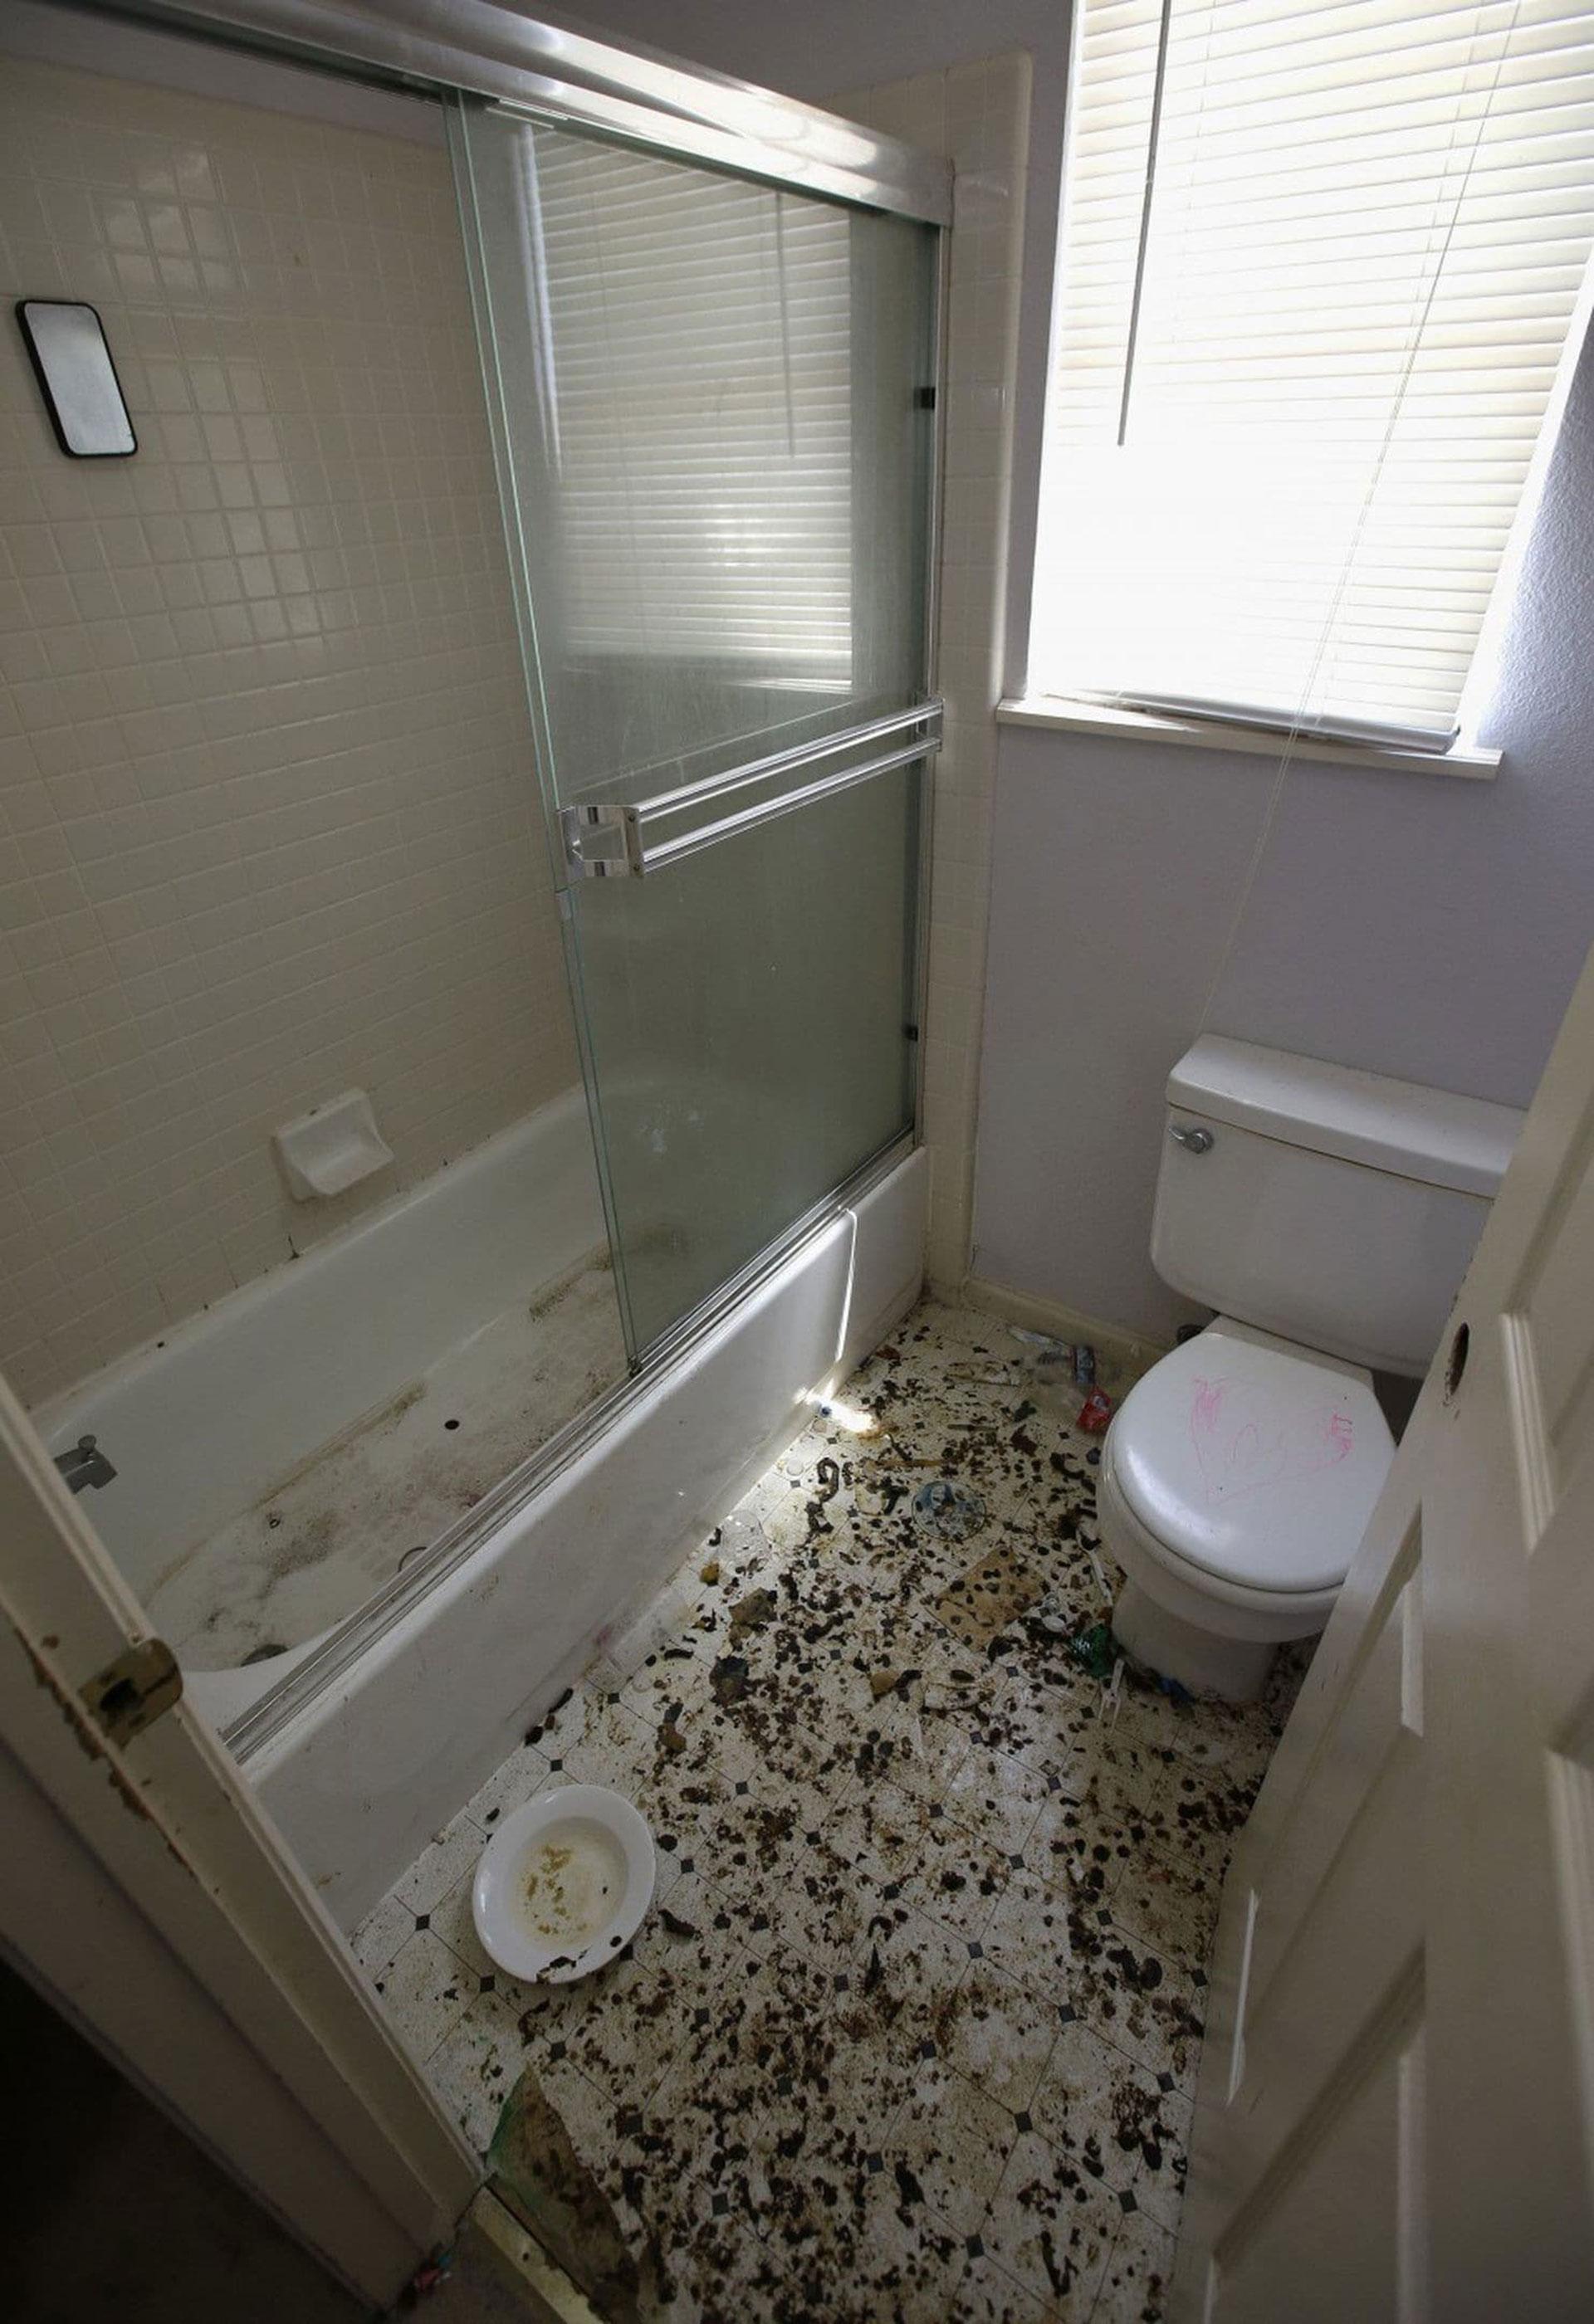 El baño de la casa era un depósito de heces de todo tipo (AP)